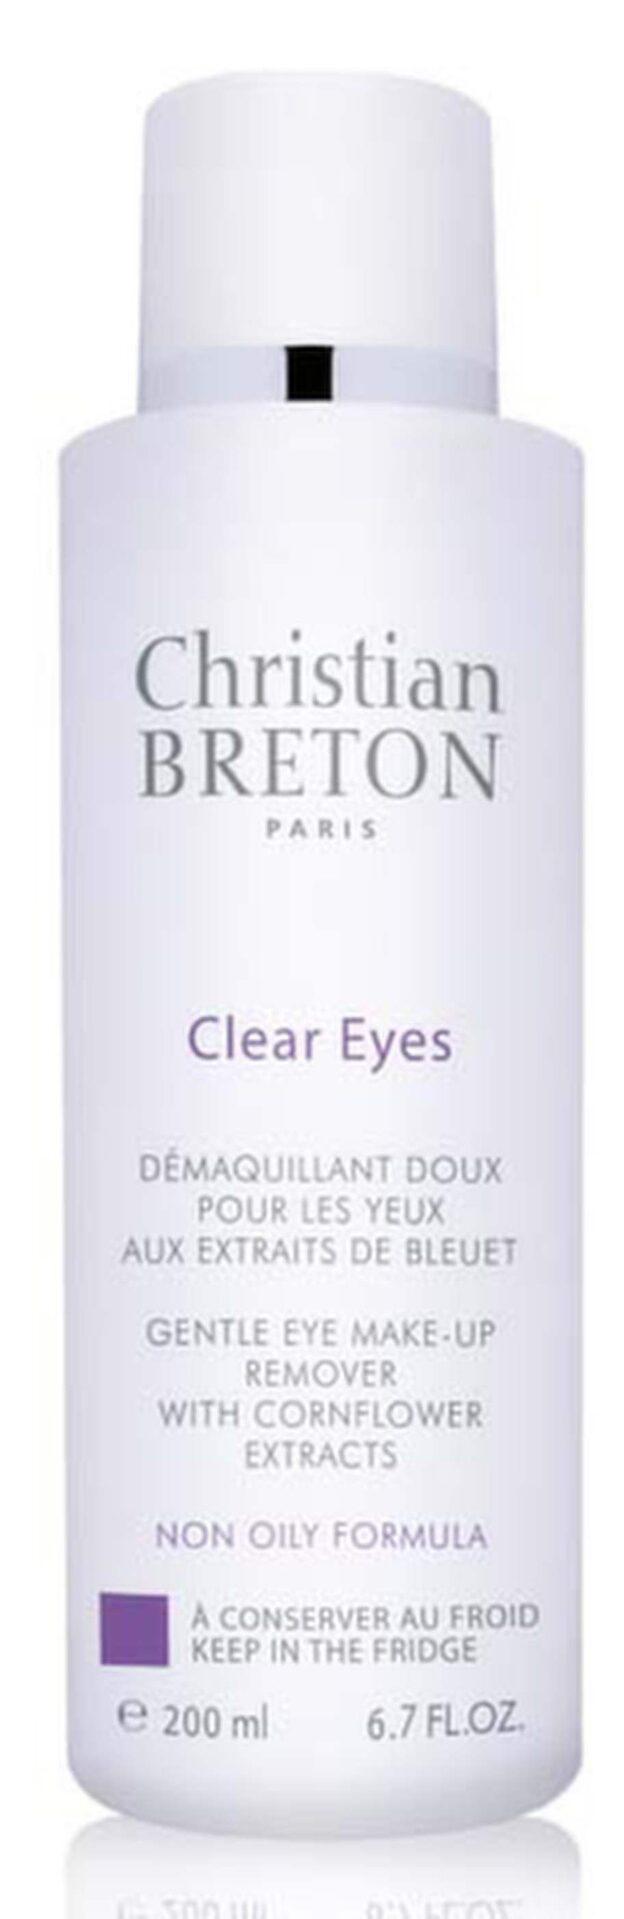 Clear Eyes Makeup remover löser upp all ögonmakeup utom vattenfast. Bra för linsbärare och den med känslig hud då den inte innehåller olja. Remover från Christian Breton, 199 kronor.